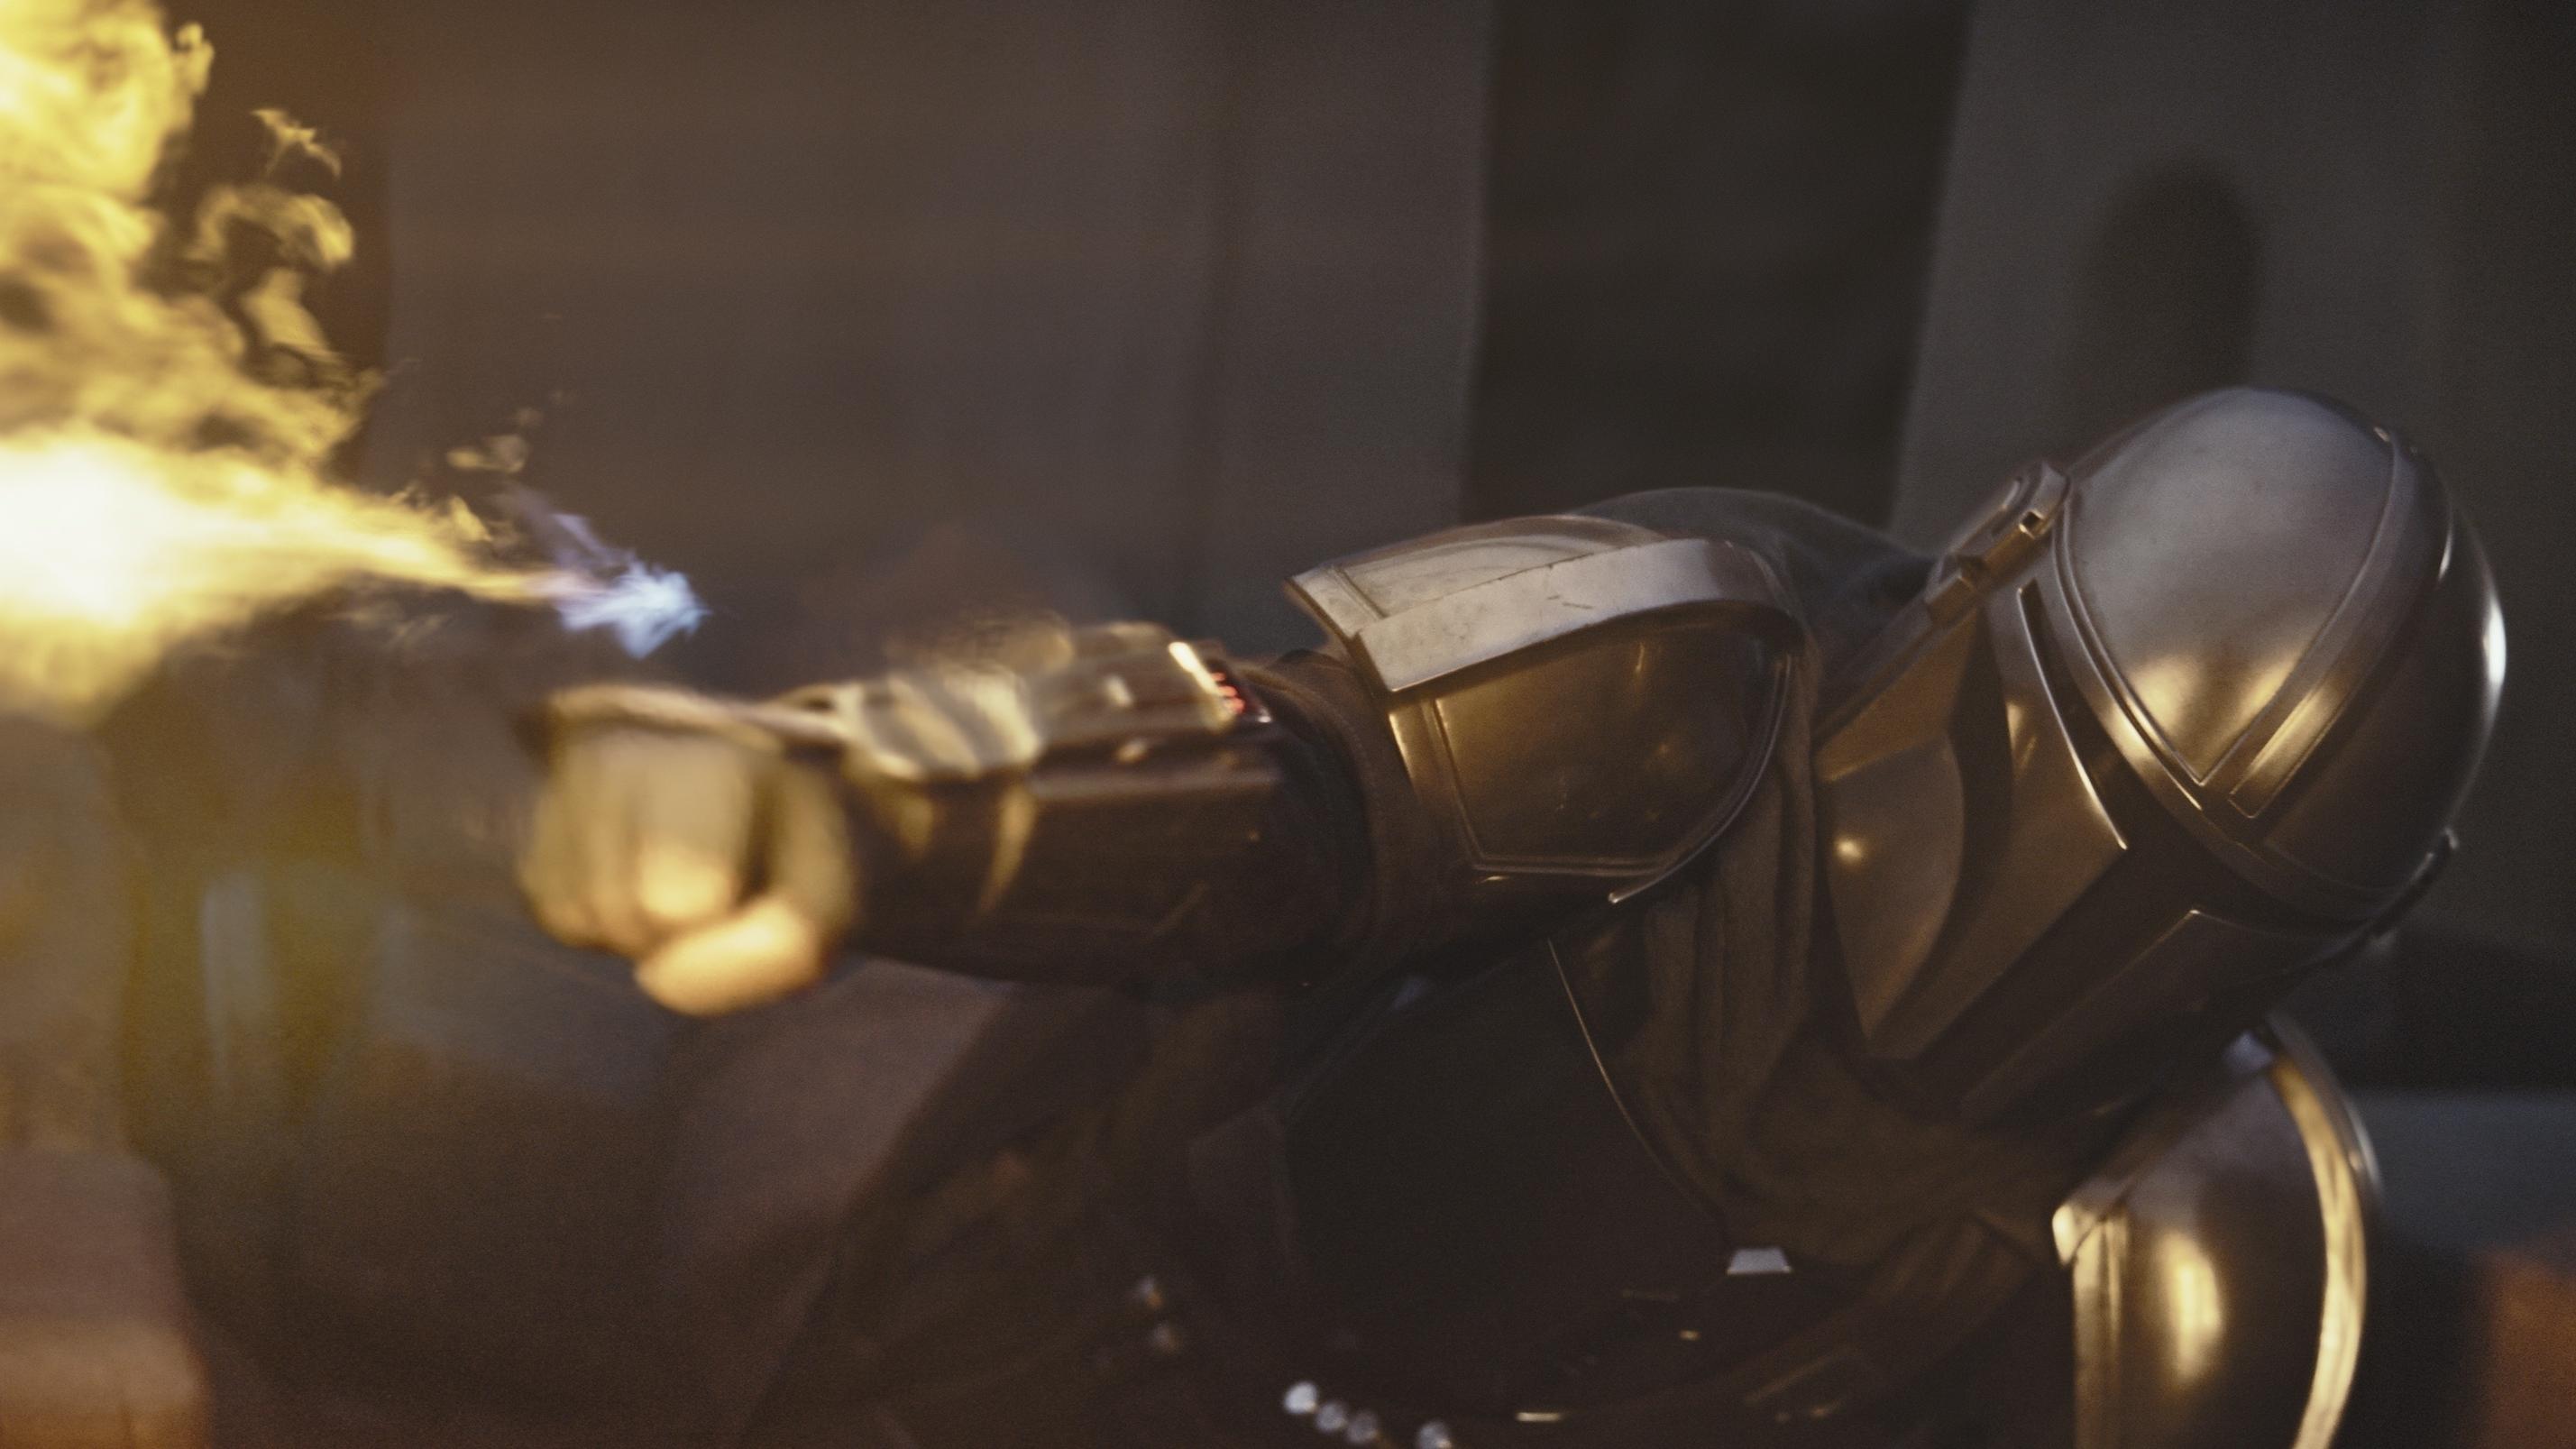 The Mandalorian using his flamethrower